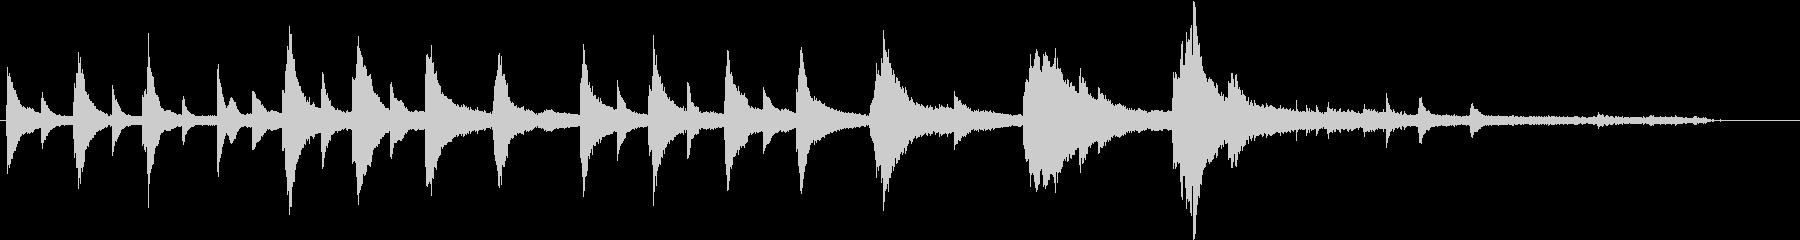 切ないシーン導入に使える短いピアノ曲の未再生の波形